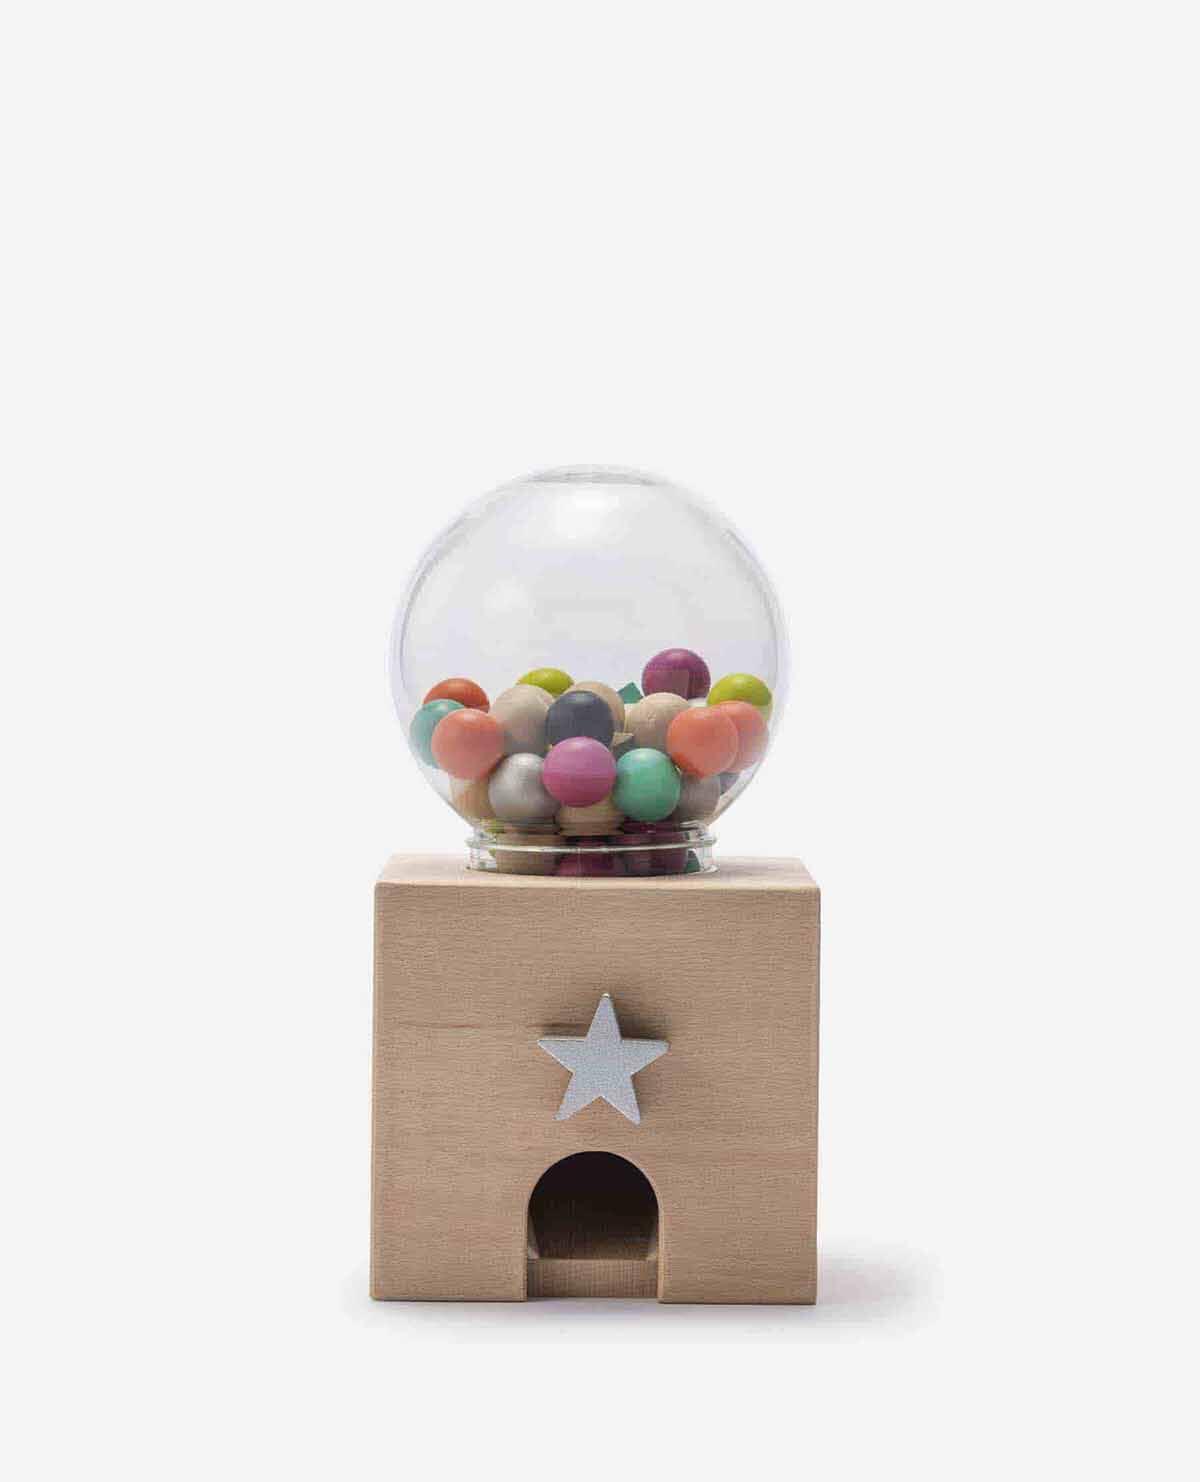 ガチャガチャ おもちゃ 積み木 木製